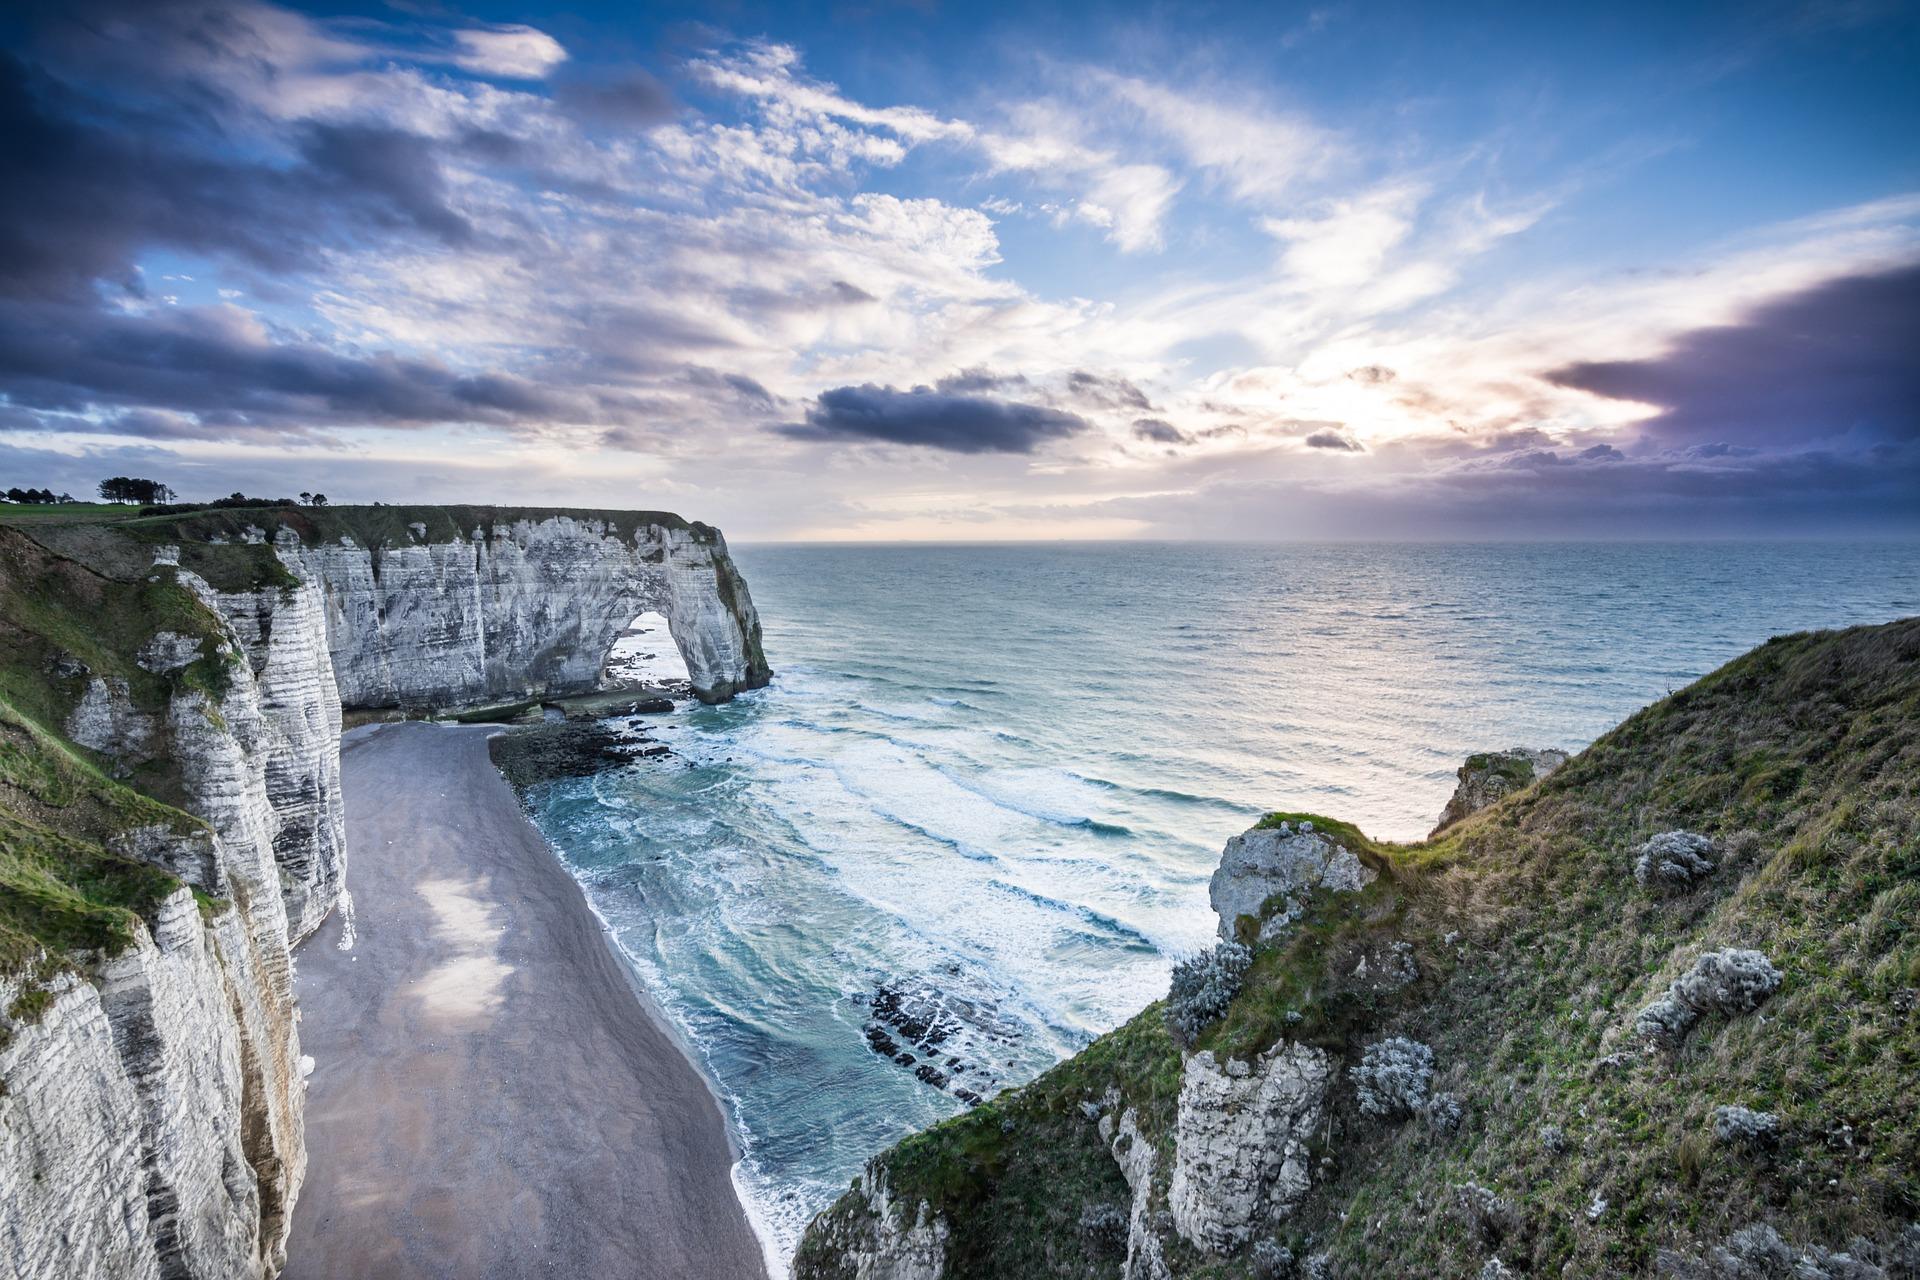 NORMANDIE - Région française au littoral extraordinaire